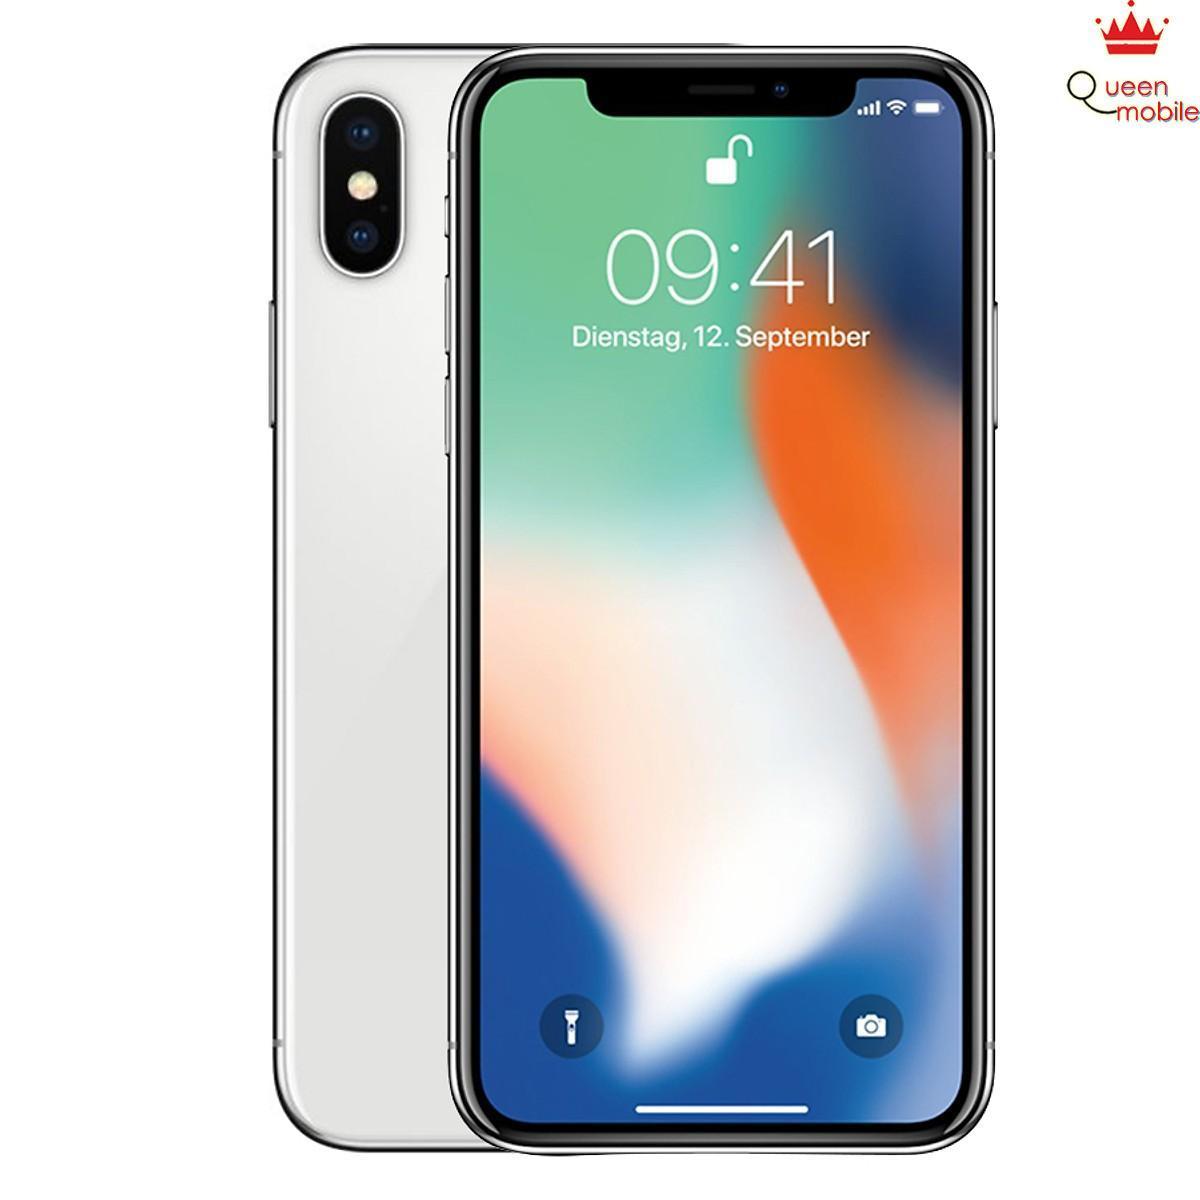 Điện Thoại Iphone X 64GB - Nhập Khẩu